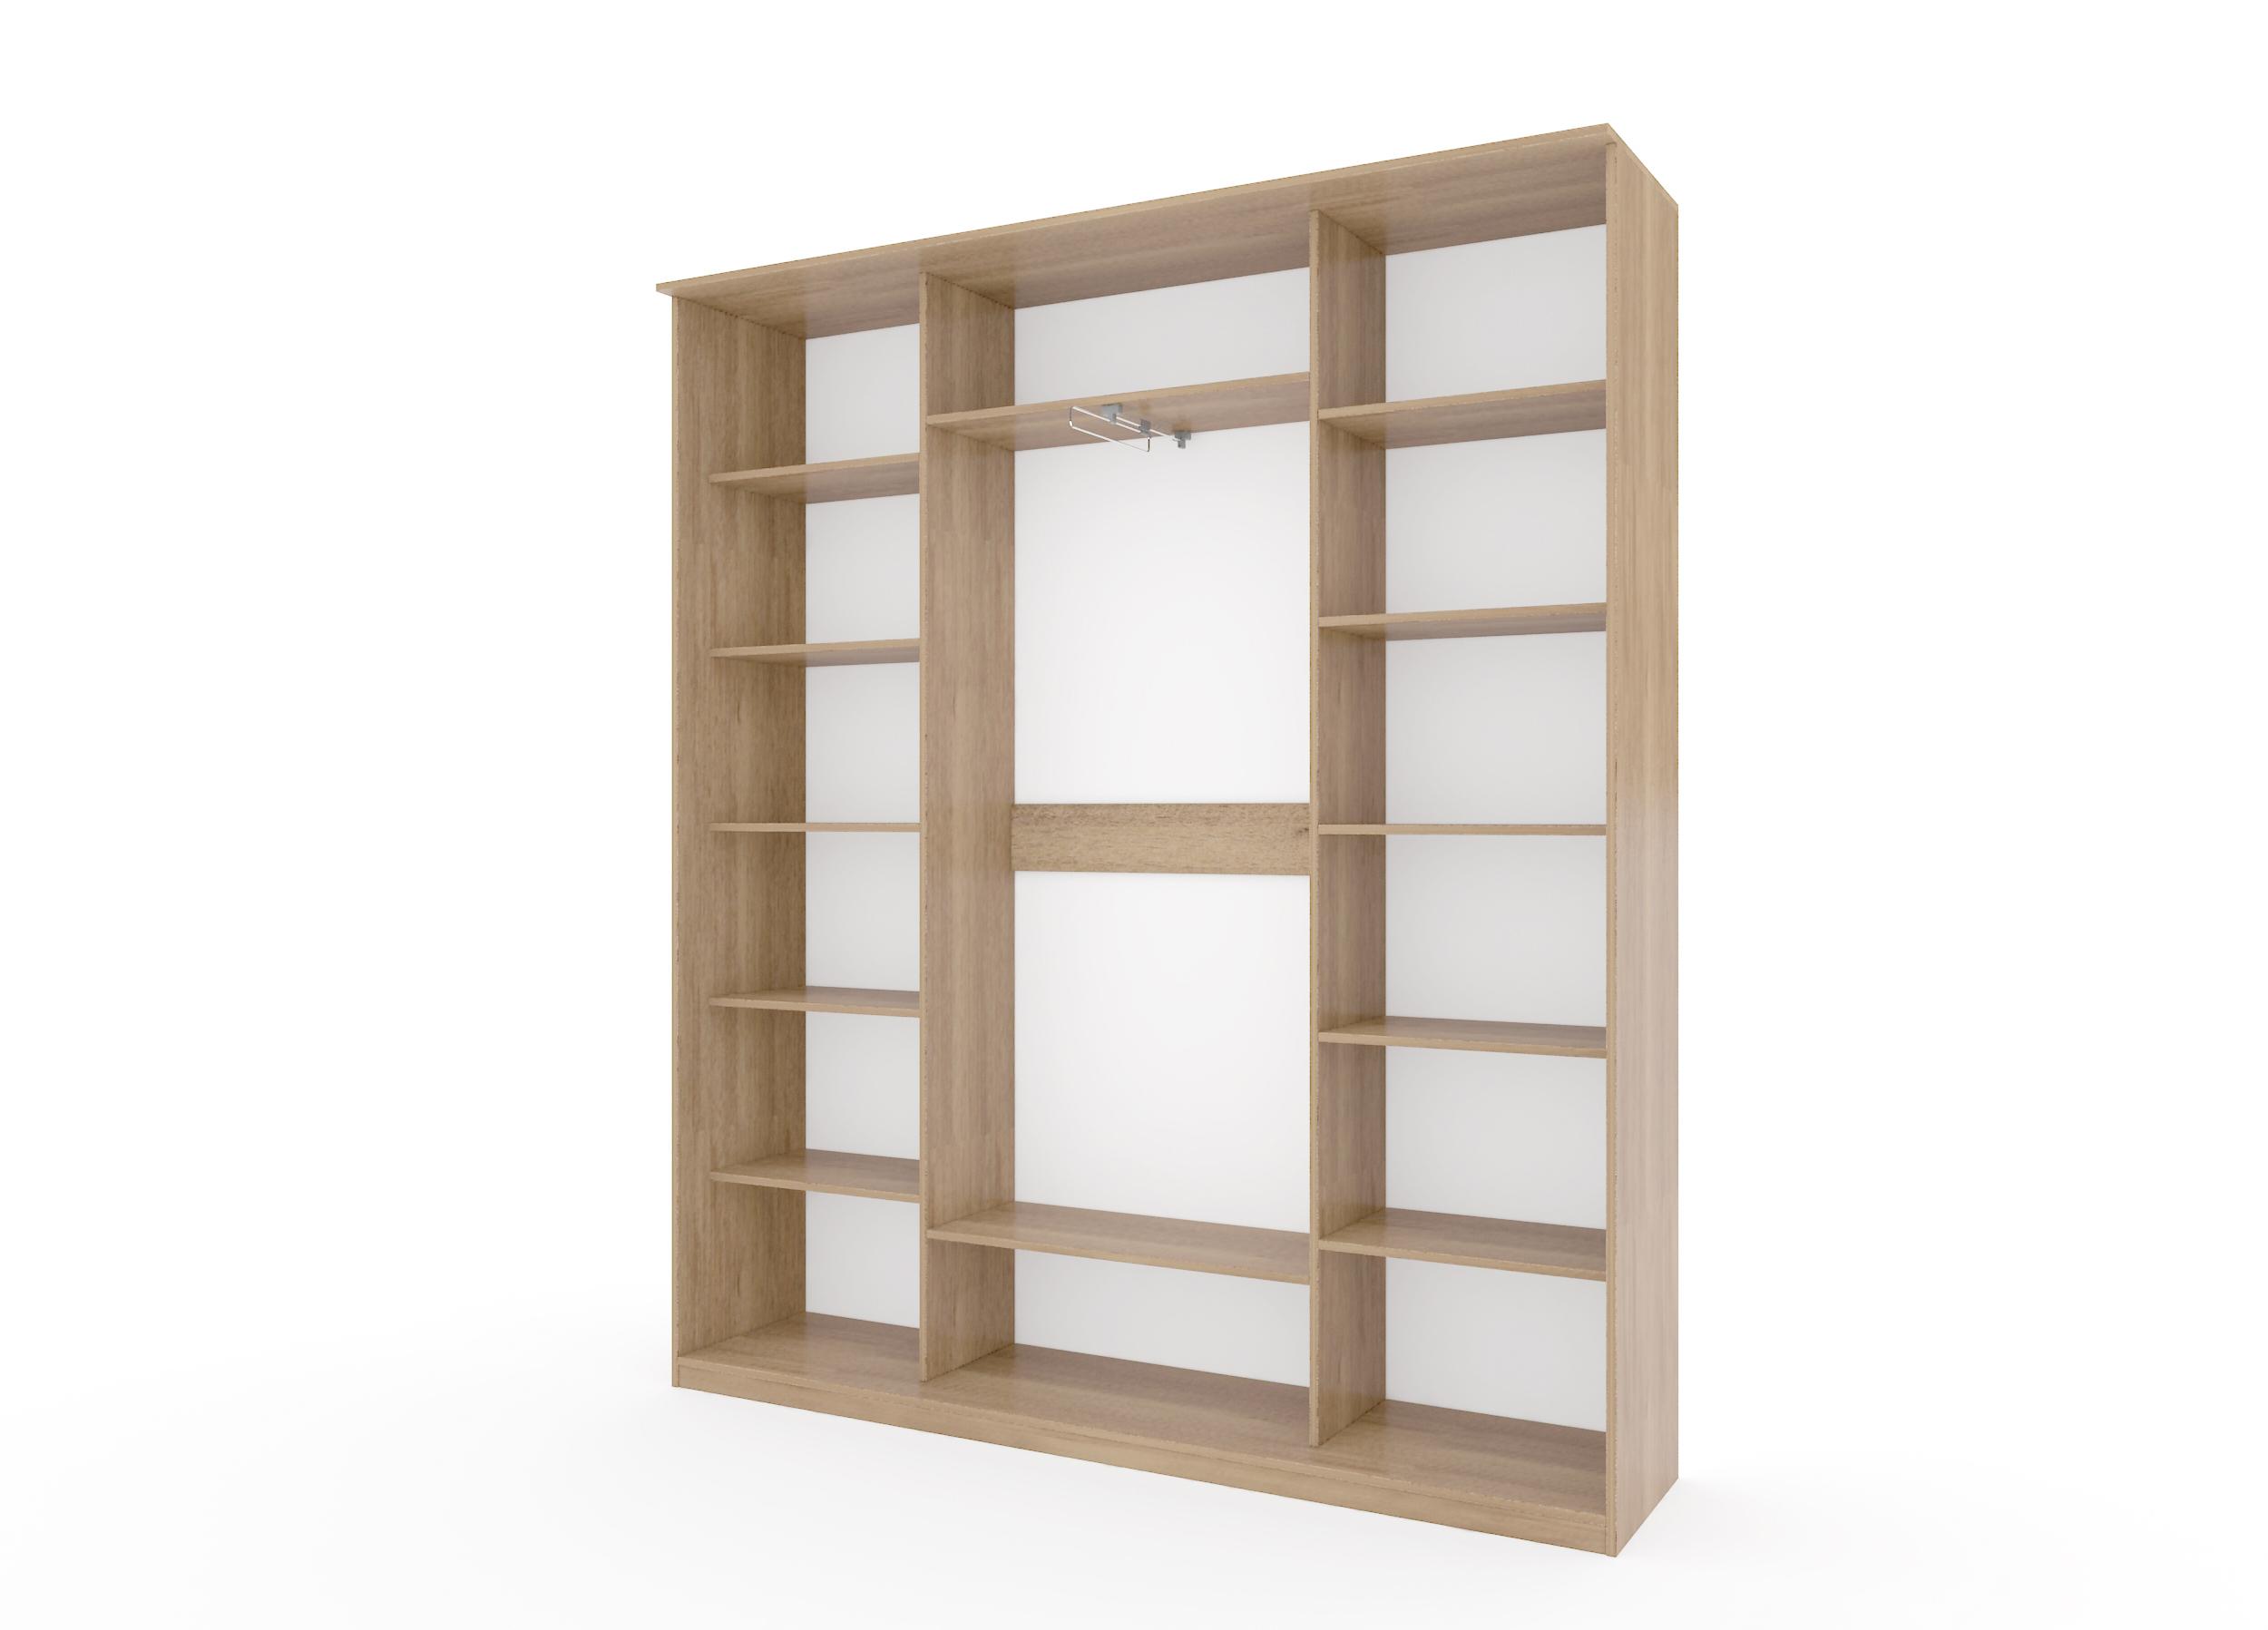 Шкаф купе Топ-Лайн 2076 / 450 / 3 секции /пескоструйный рисунок